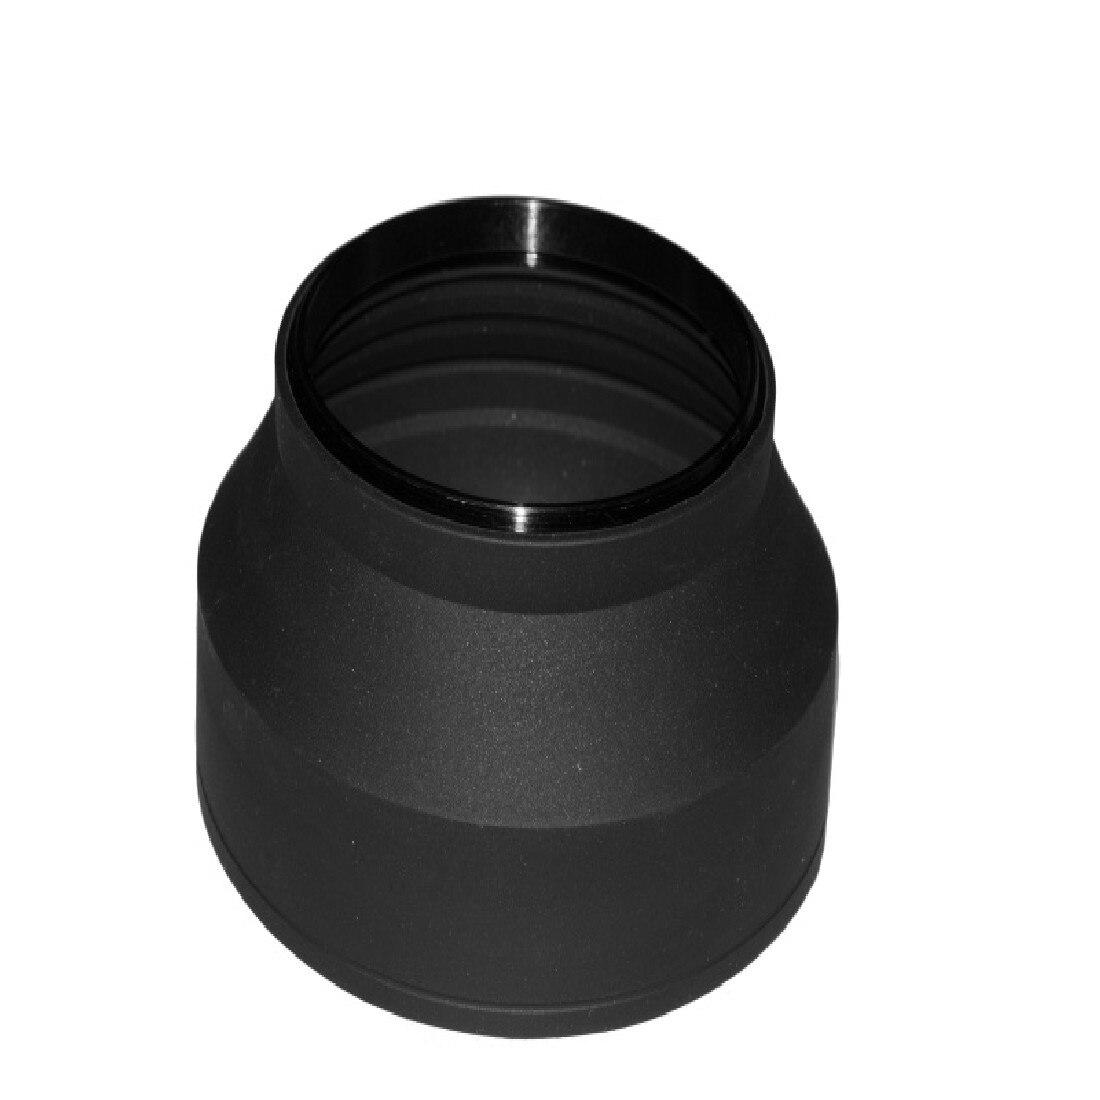 Centechia 52/58mm 3 etapas 3 en 1 parasol de lente plegable de goma plegable 52/58mm lente dsir para cámara Nikon Canon